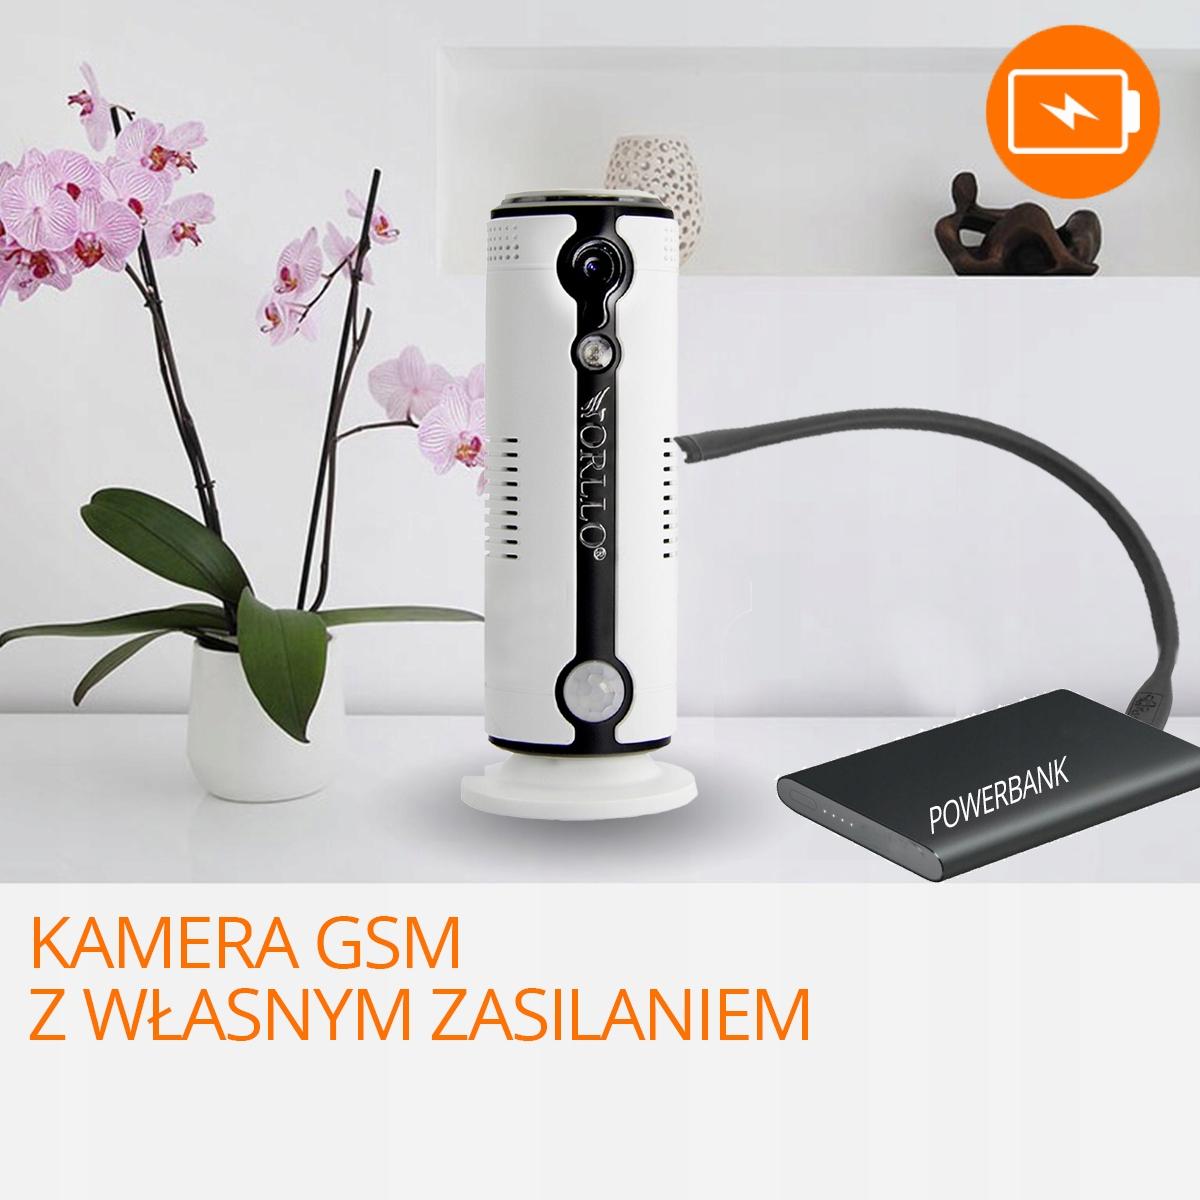 Kamera HD GSM SIM +Power Bank LG 3G 4G LTE ORLLO Rozdzielczość 1.3 Mpx